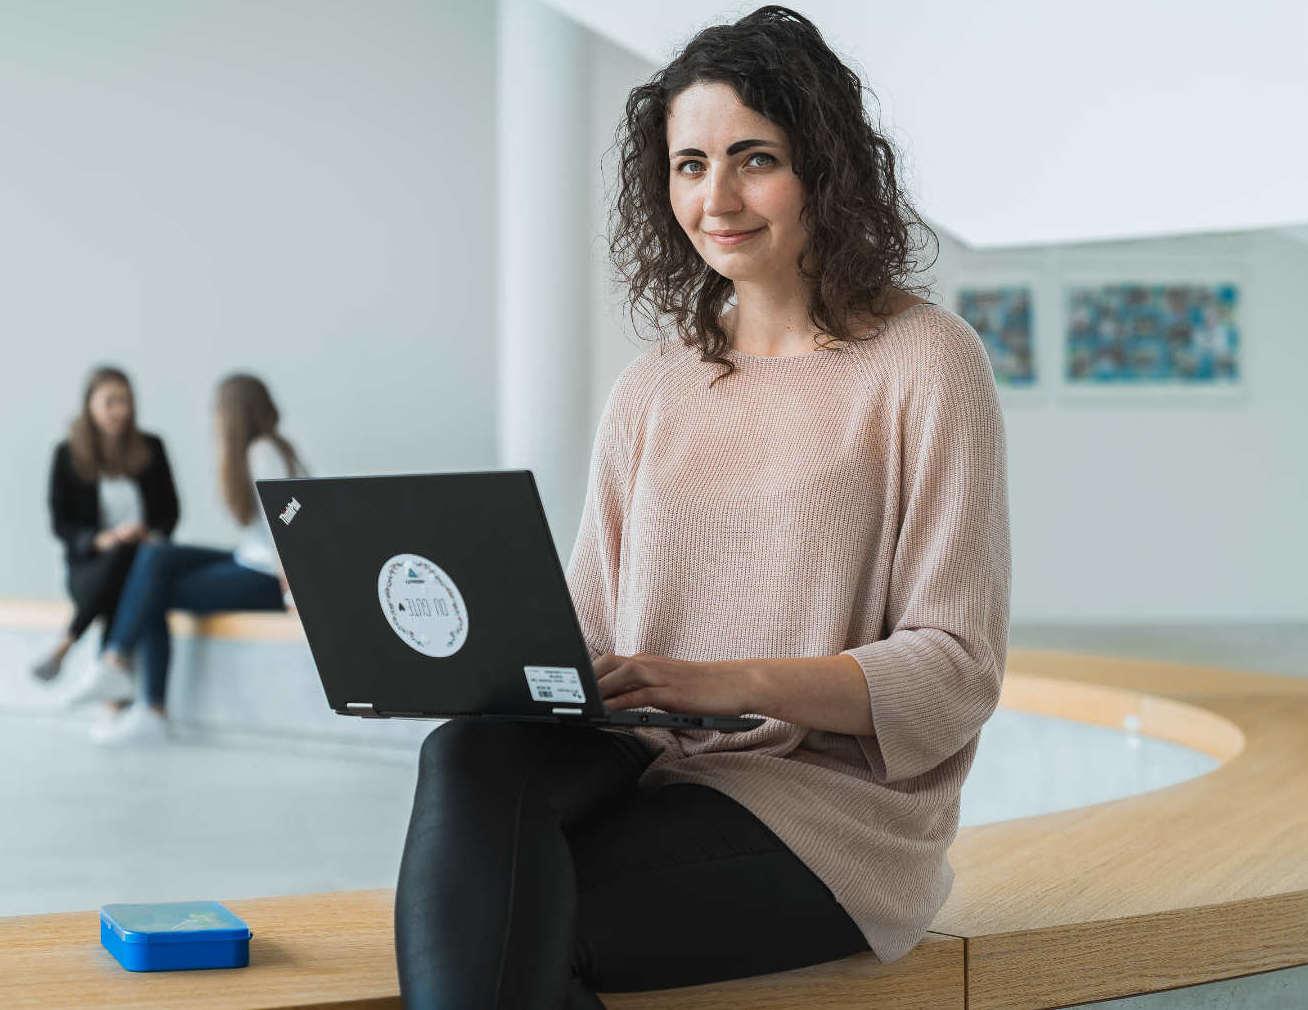 Patricia Haremski, Ingenieurin im Bereich Brennstoffzelle, sitzt mit Laptop auf dem Schoß auf einer Open Workspace-Fläche von Bosch in Renningen.